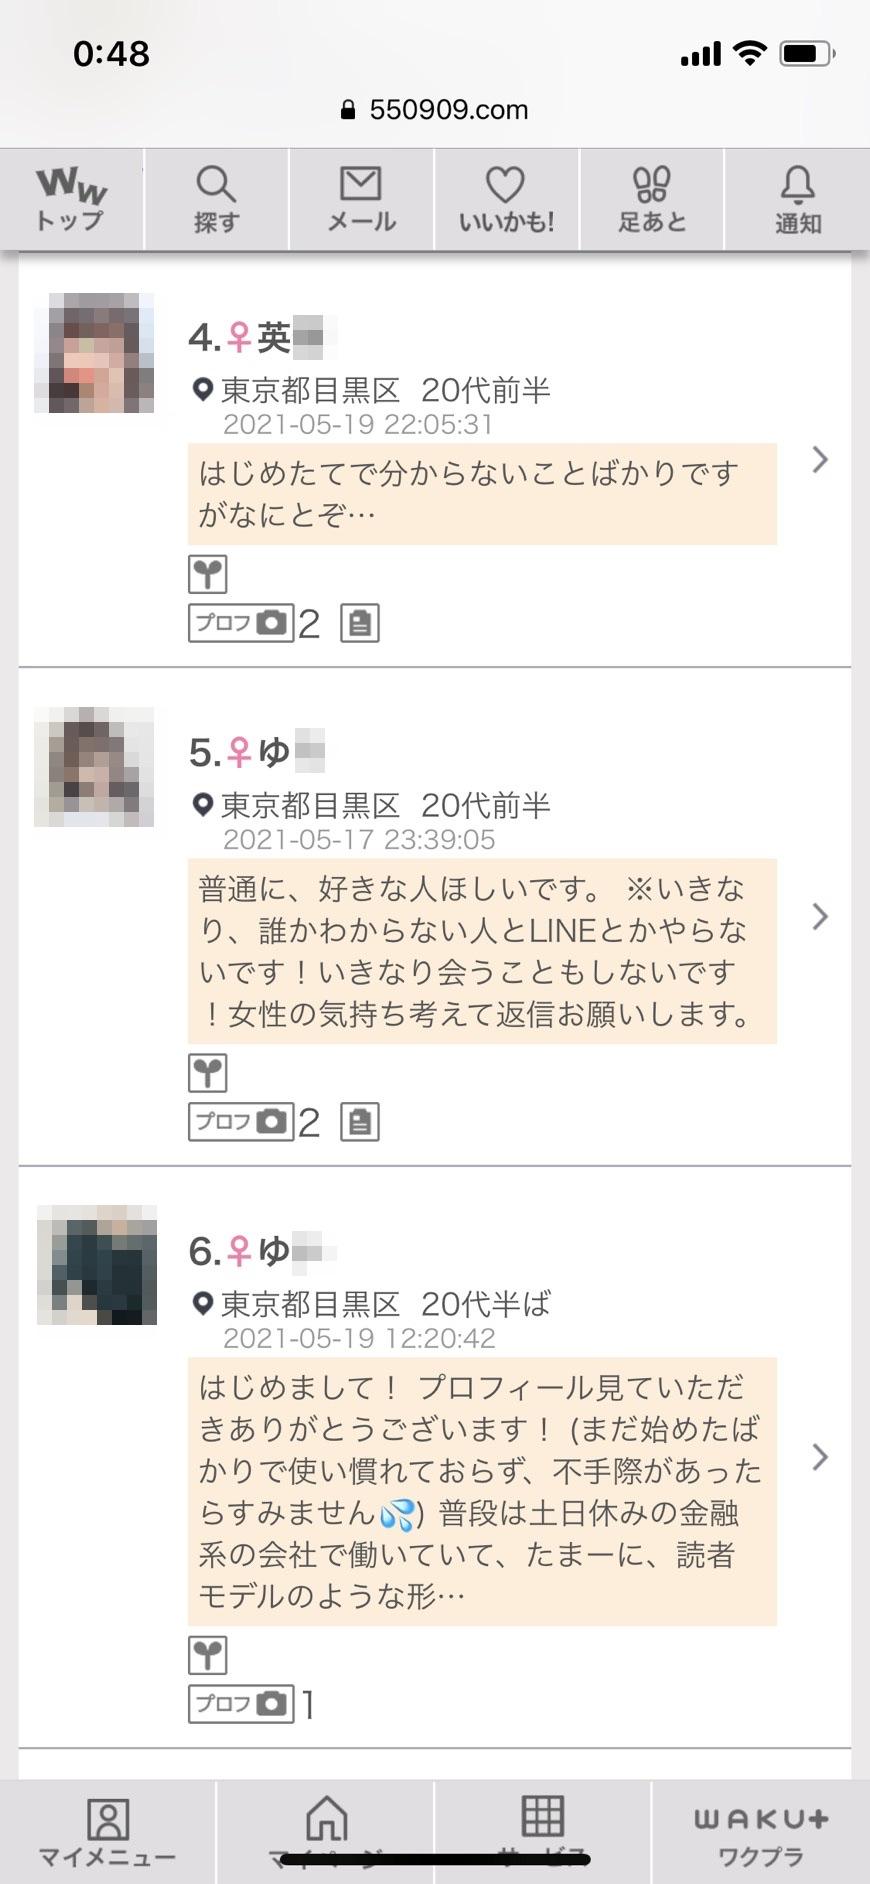 中目黒・出会い希望(ワクワクメール)